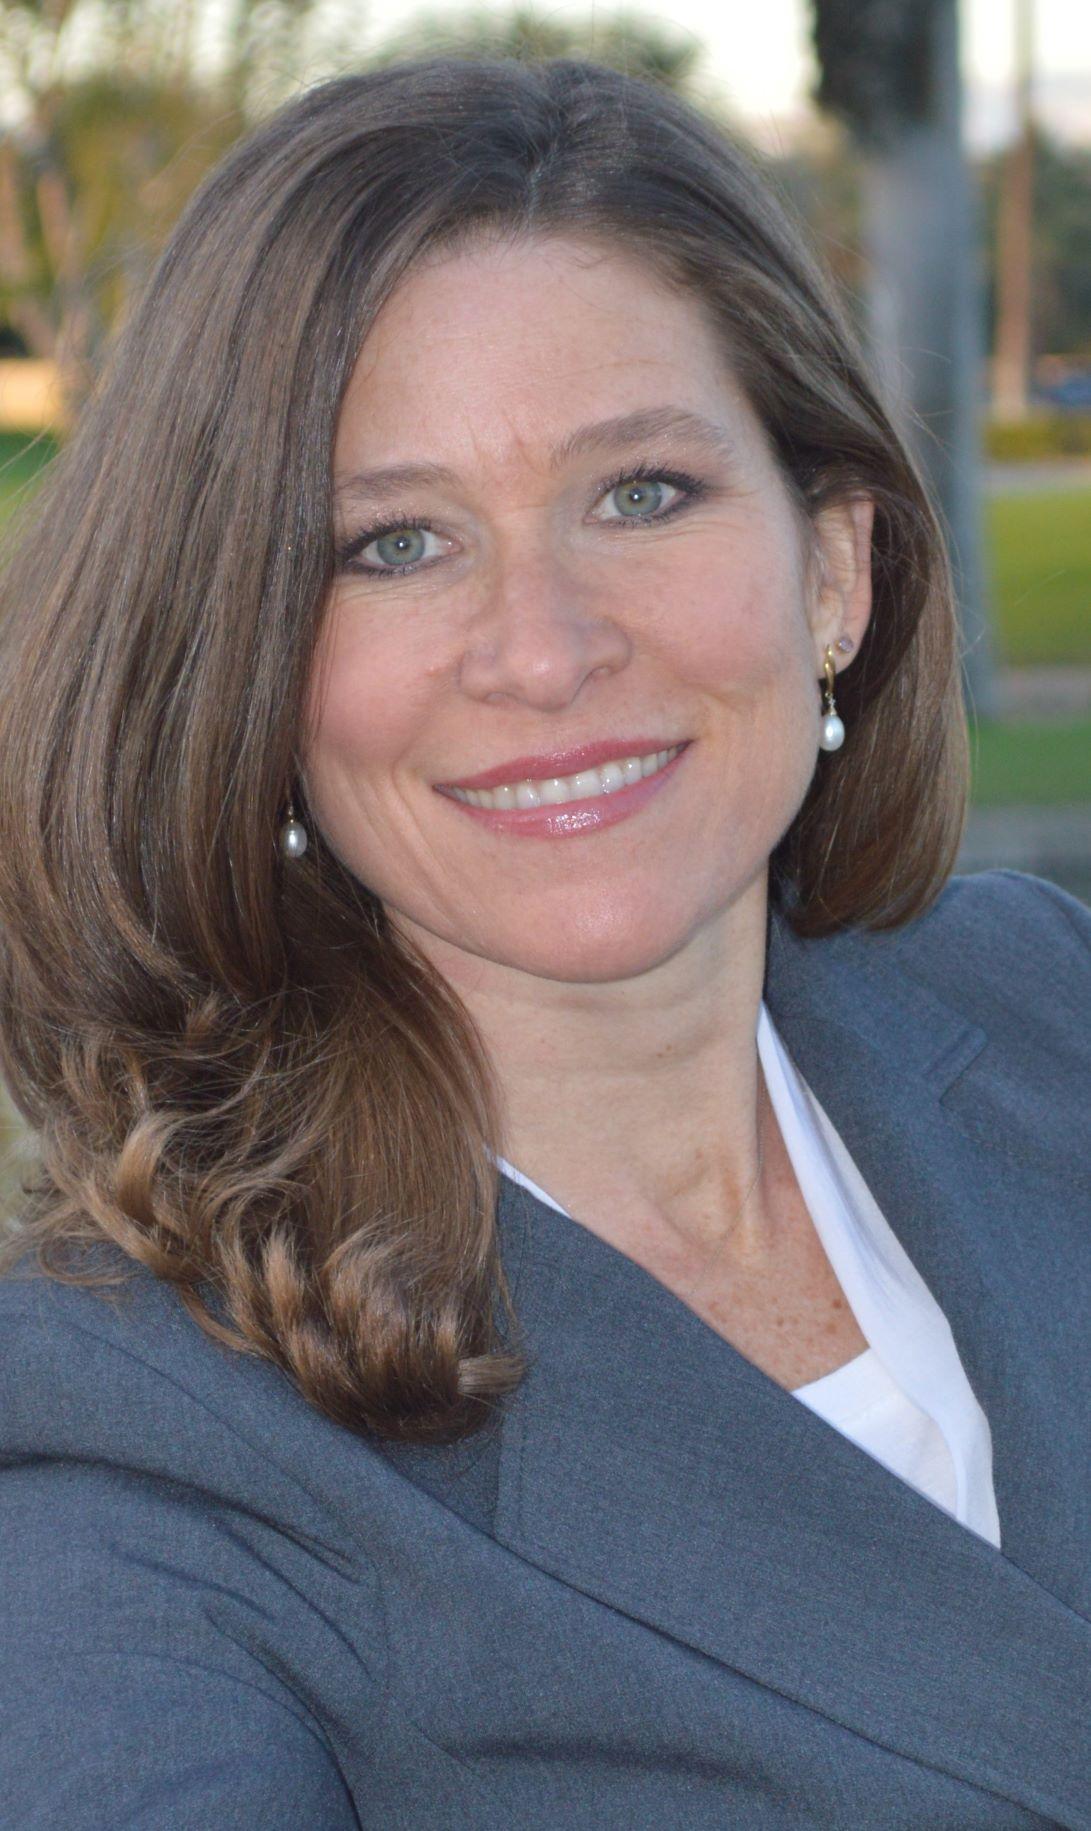 Elizabeth Livengood | N.D.